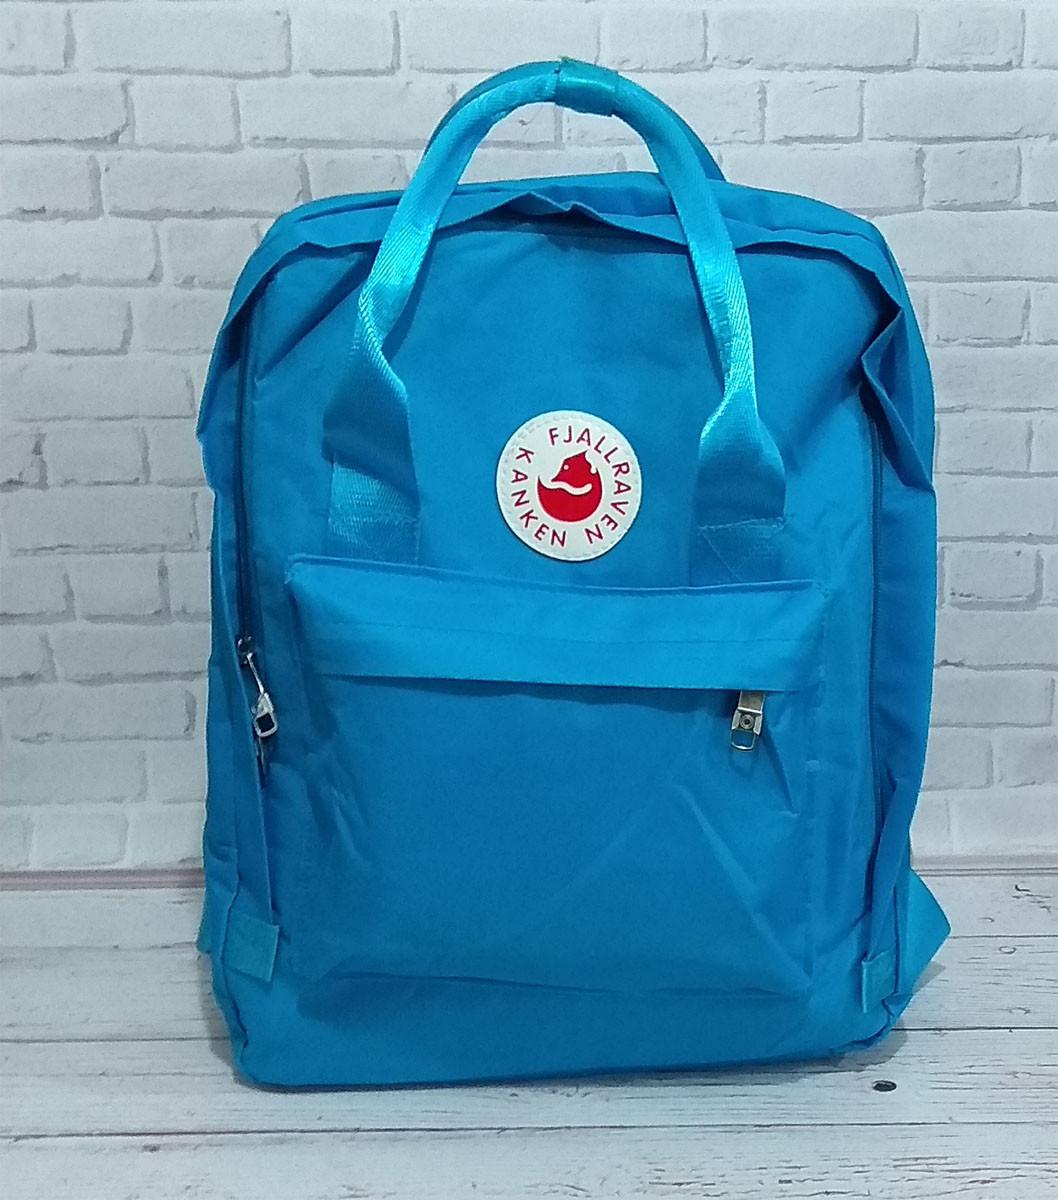 Стильный рюкзак в стиле Fjallraven Kanken, канкен с отделением для ноутбука. Голубой / 8850 blue